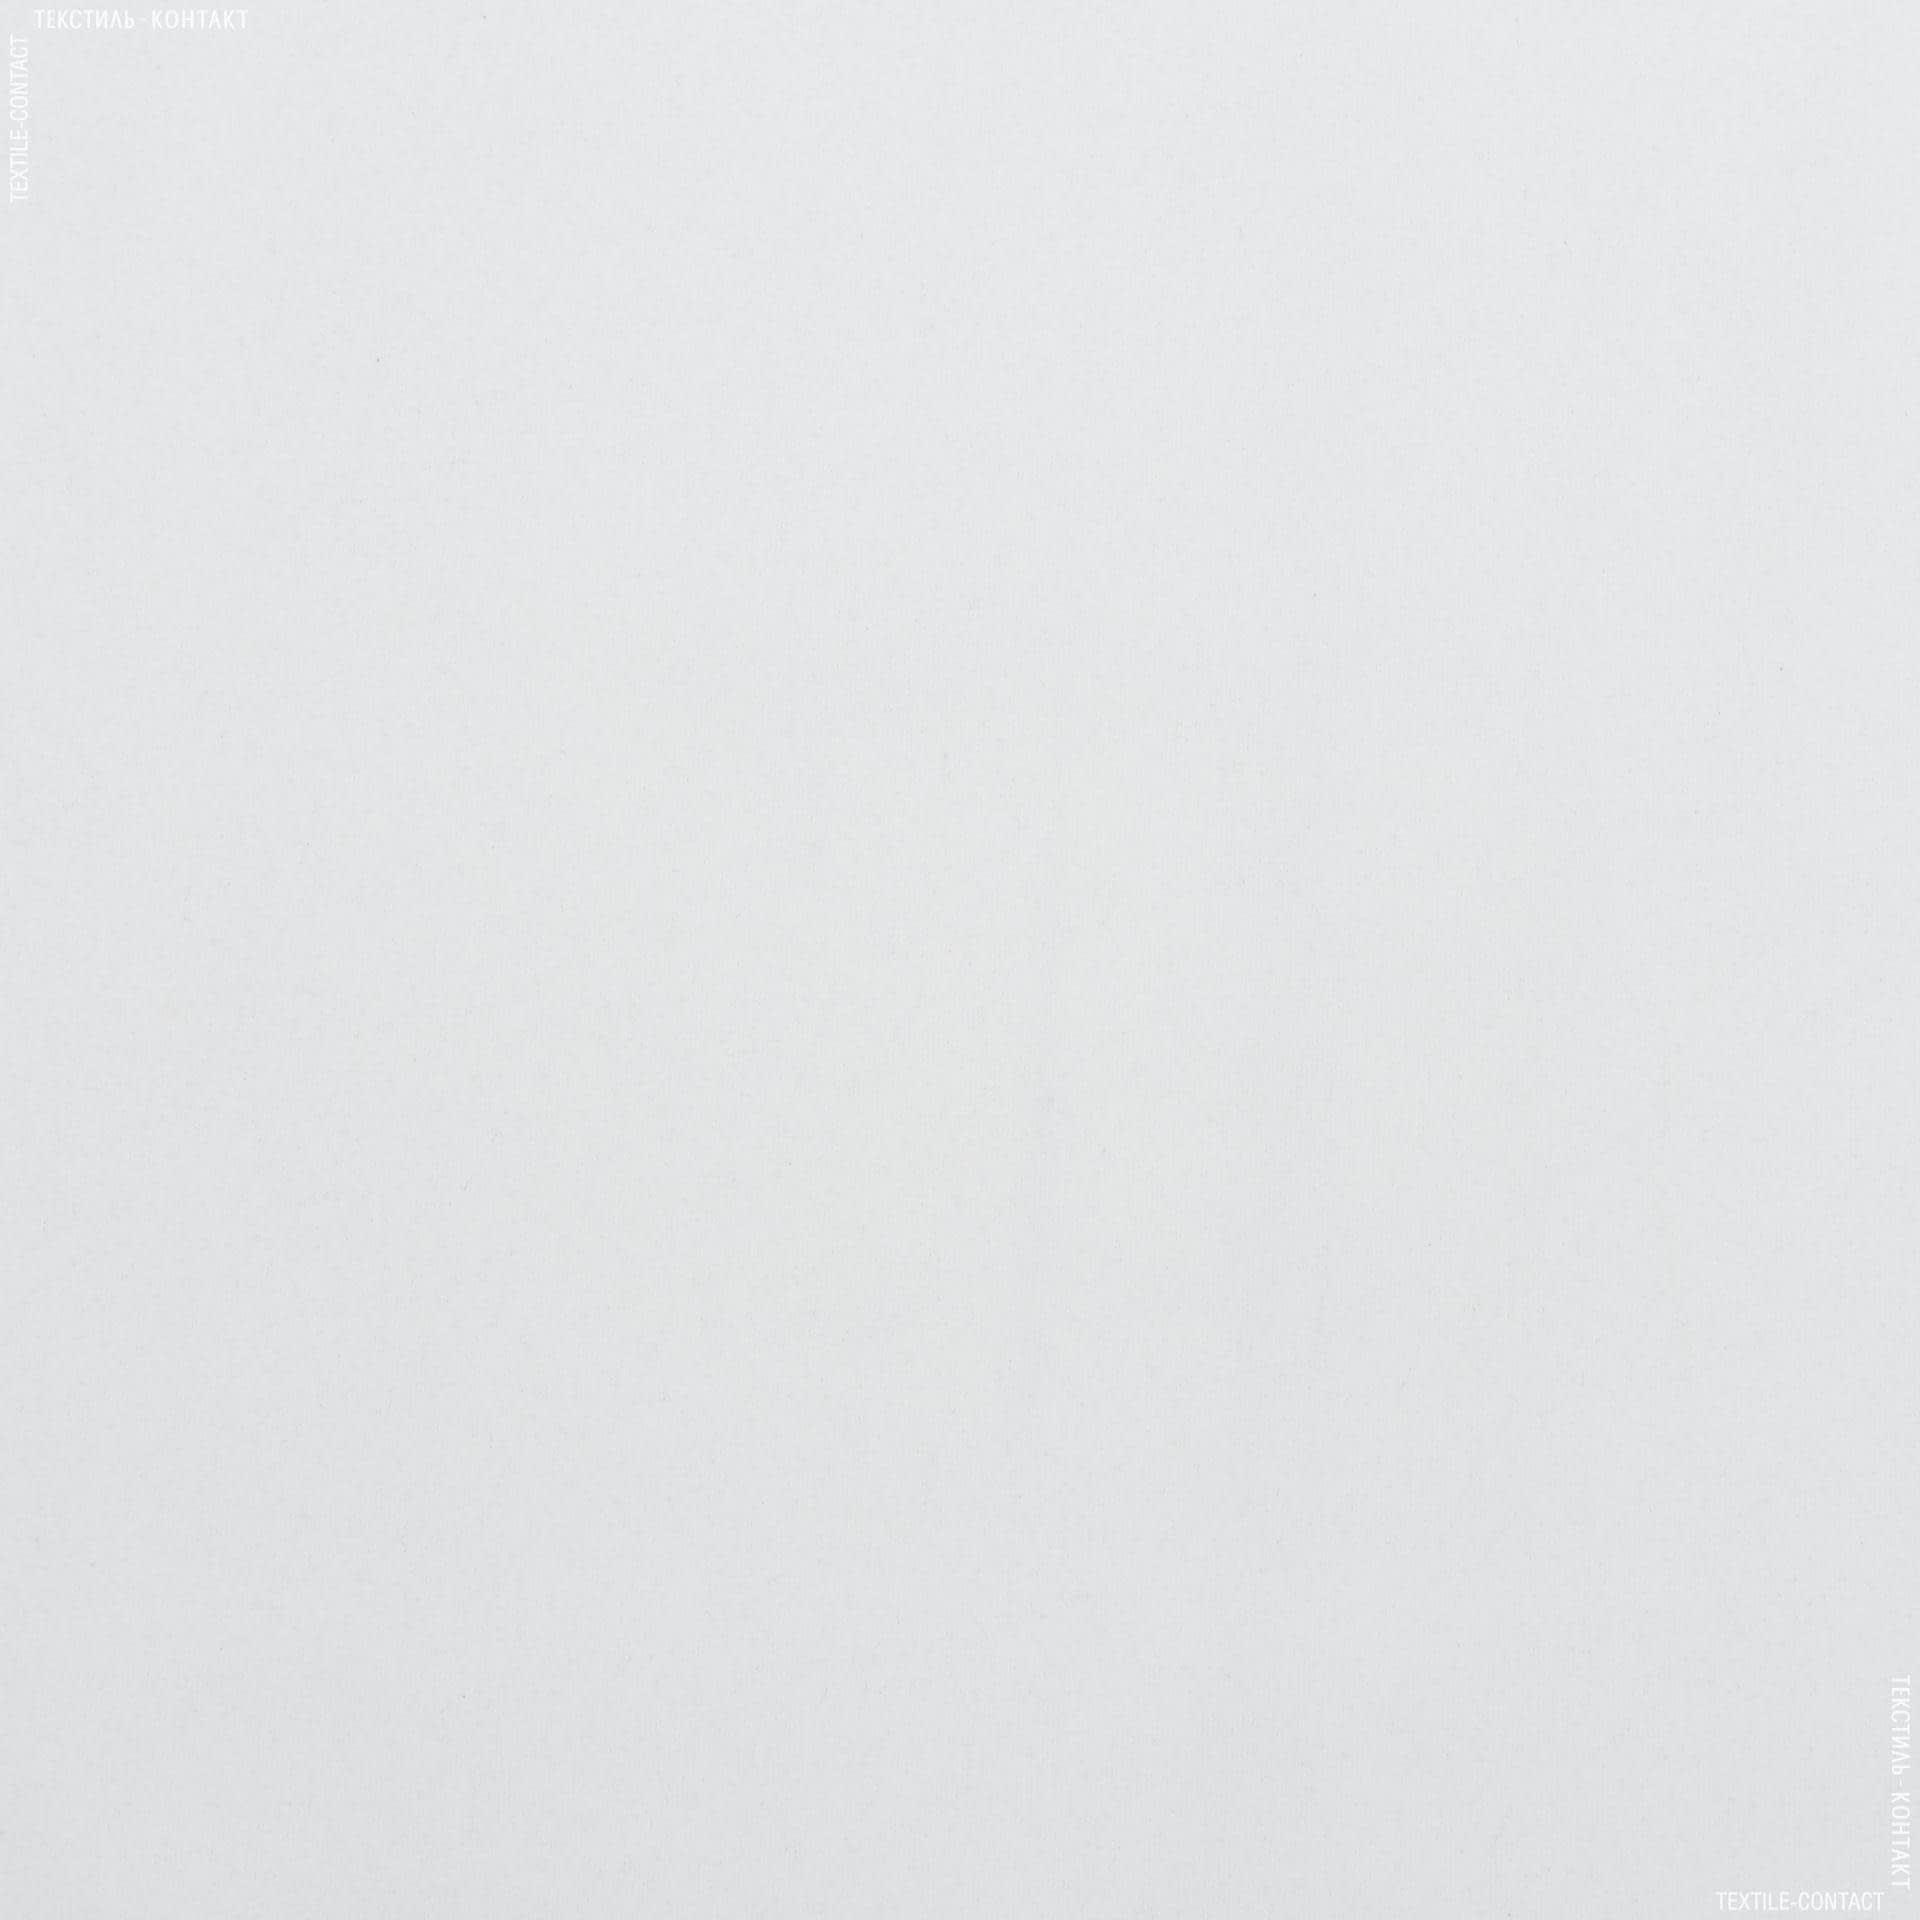 Ткани церковная ткань - Замша флок белый